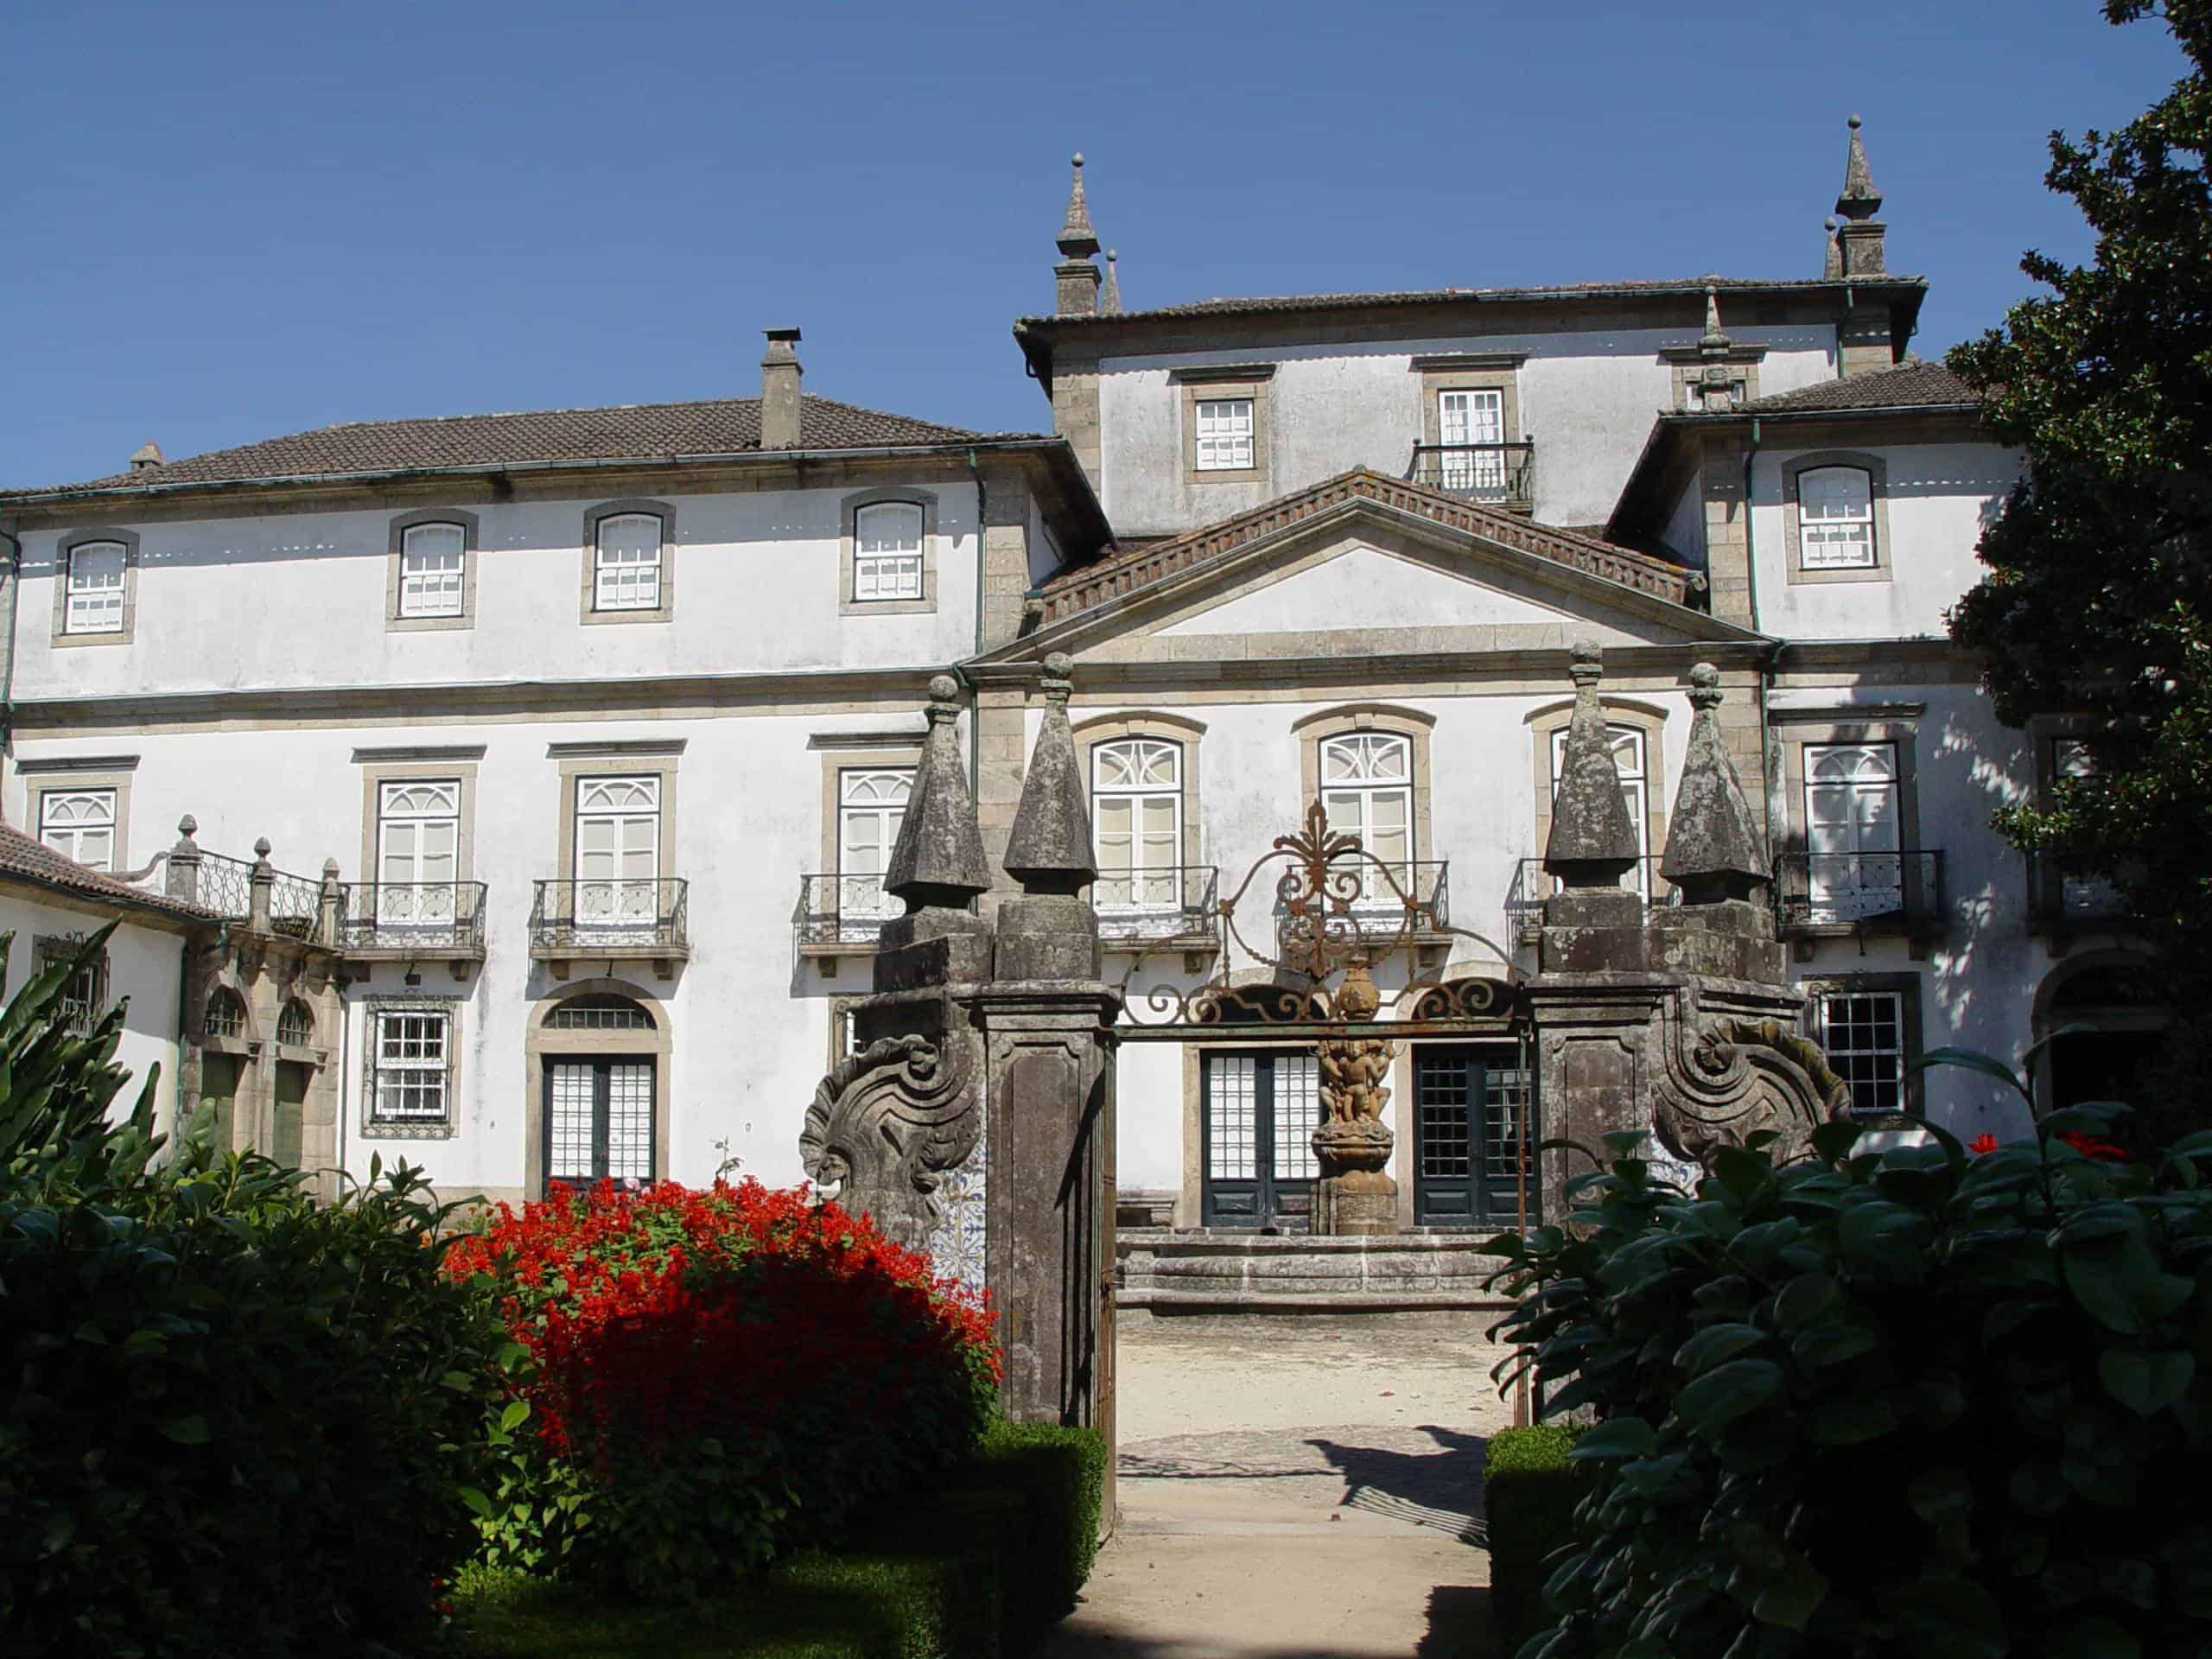 Palacio Biscainhos or Biscainhos Museum